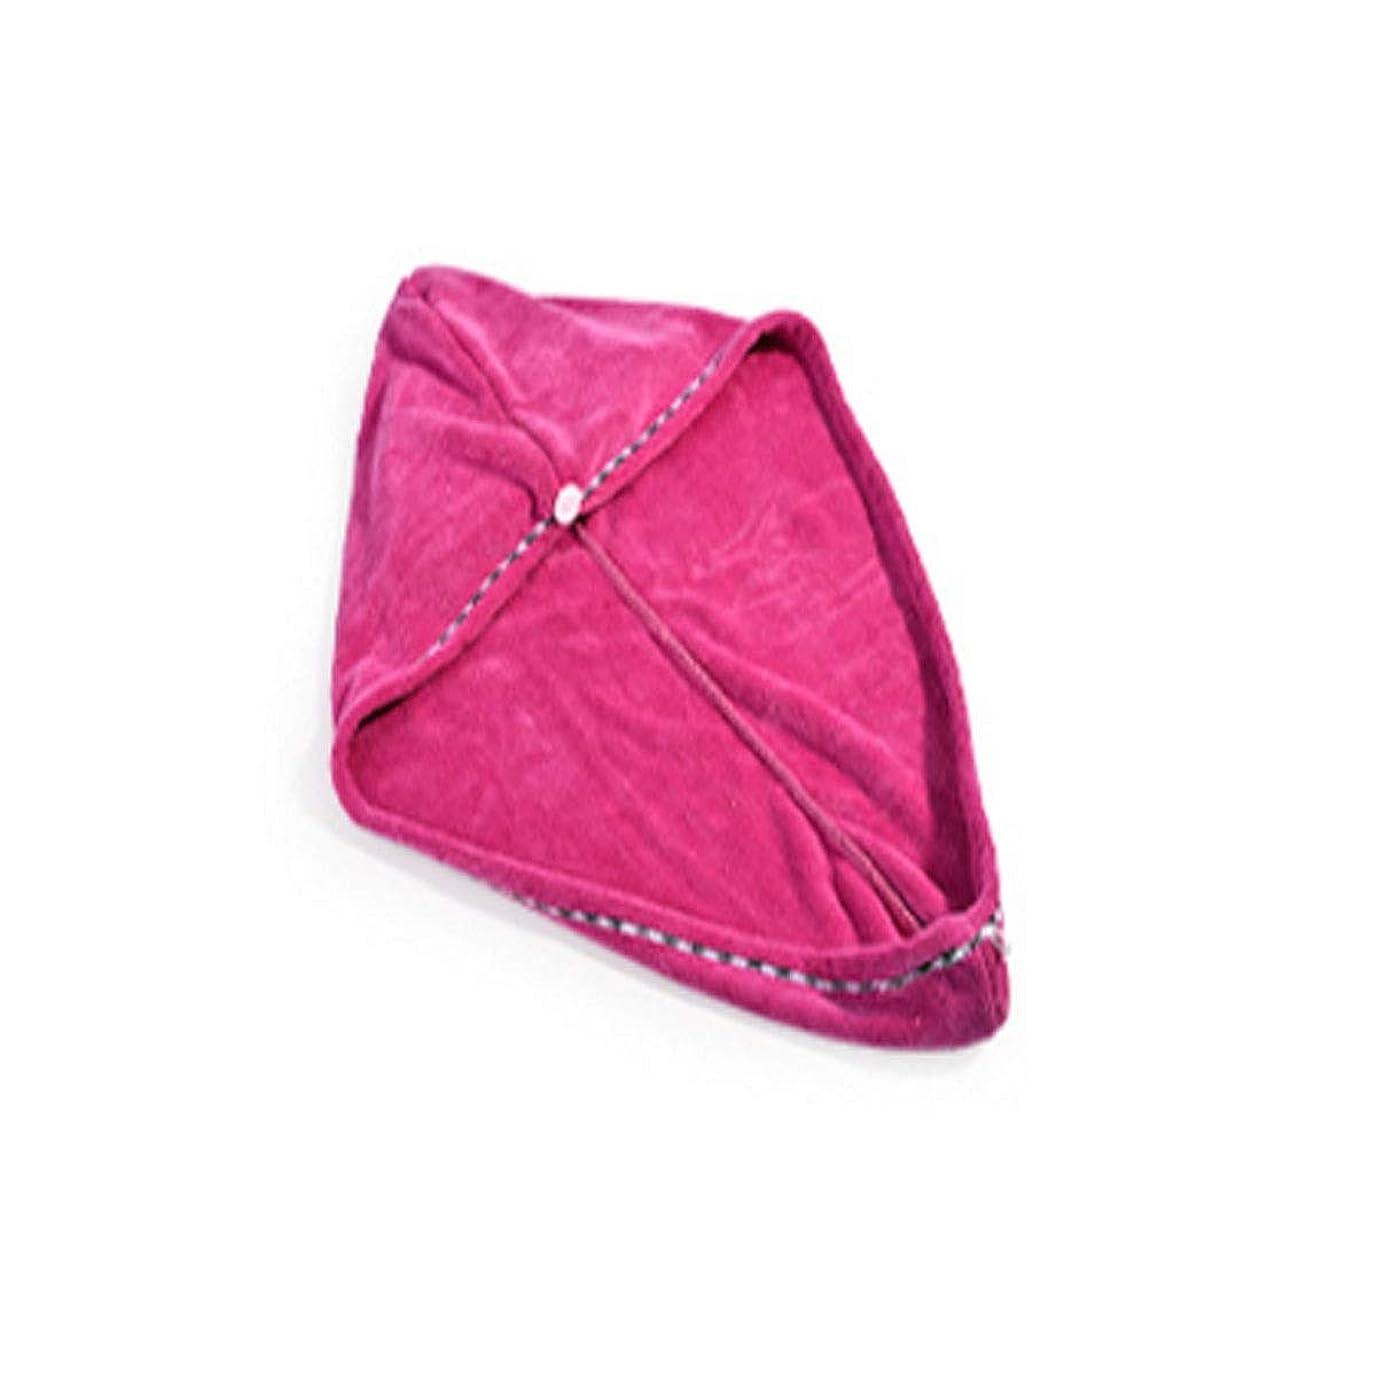 離婚苦情文句専らHENGTONGTONGXUN シャワーキャップ、乾いた髪の帽子、女性用吸収性タオル、乾いたタオル、髪速乾性のある帽子、包頭女性、長い髪のシャワーキャップ、紫、ローズレッド、ピンク (Color : Rose red)